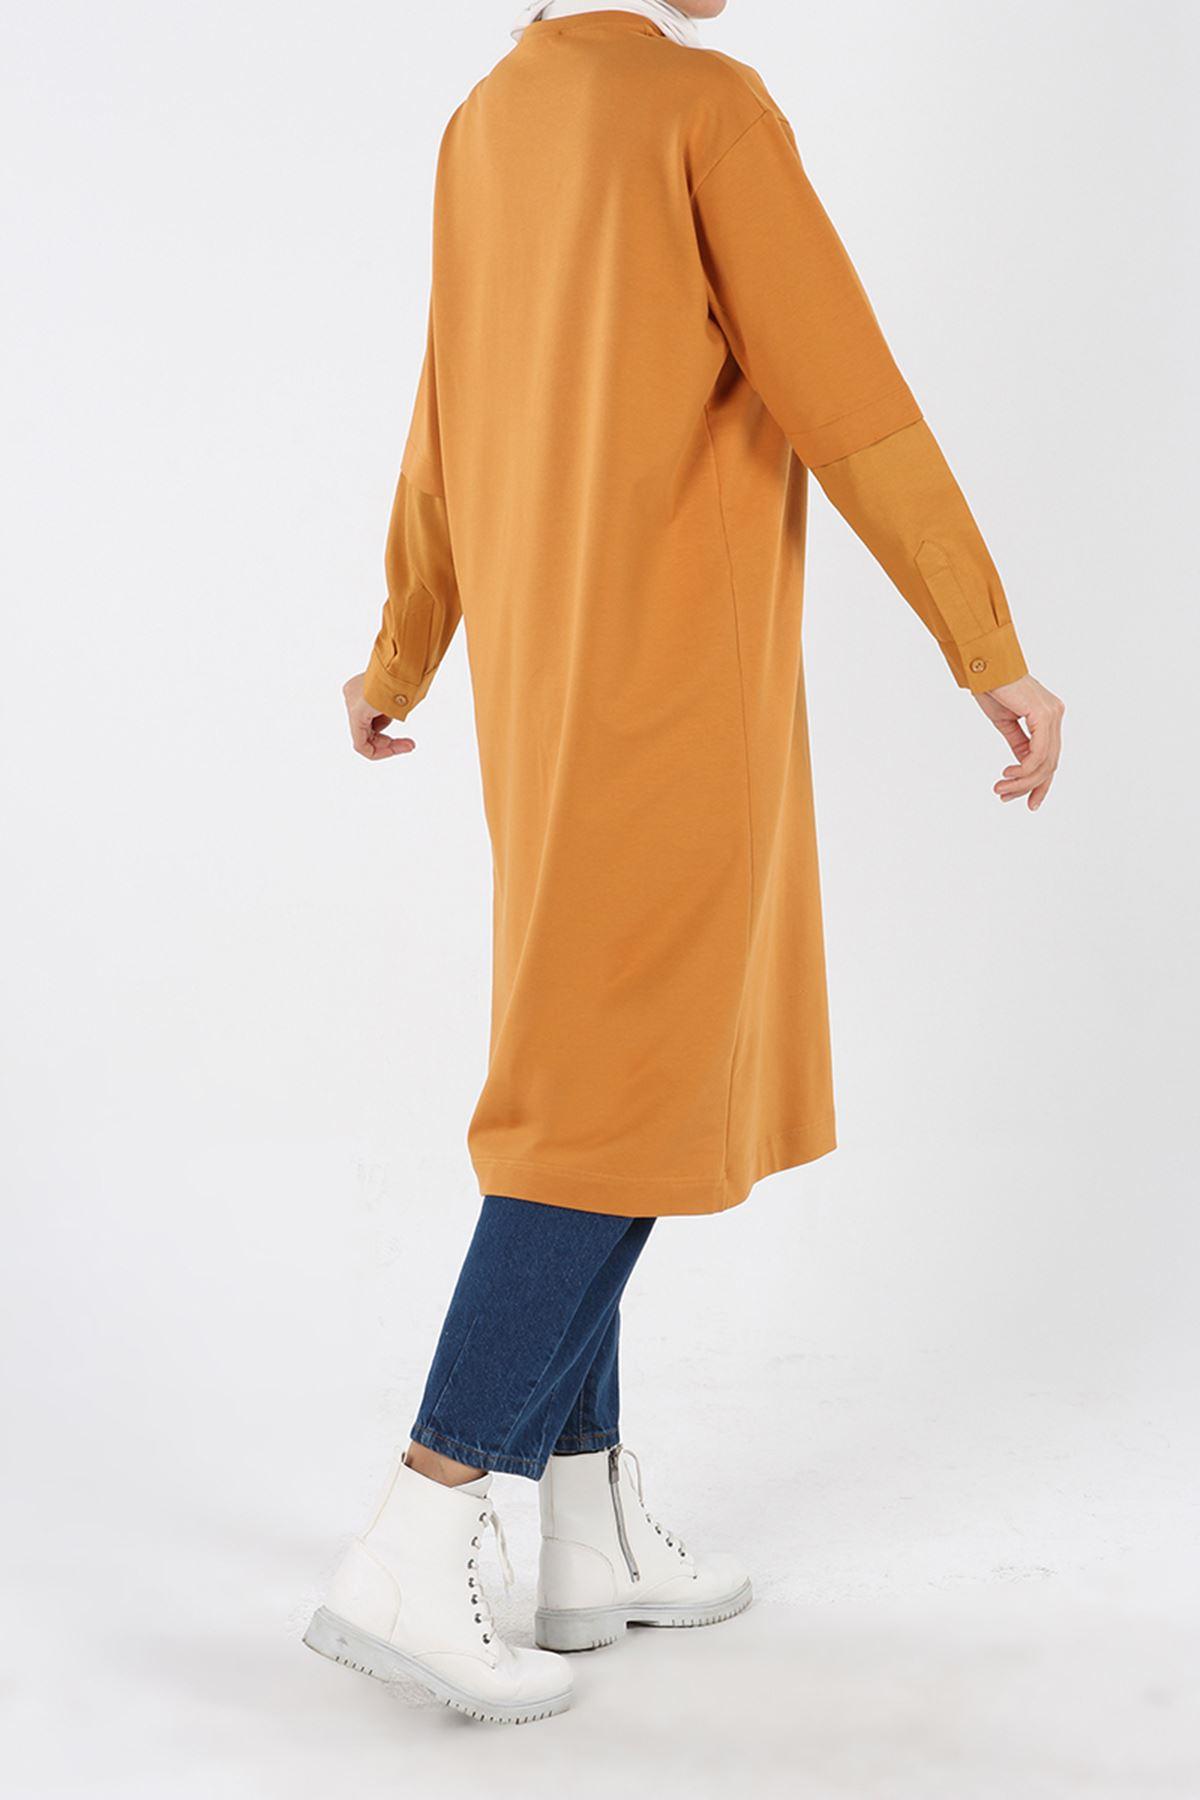 Hardal Kolu Gömlek Detaylı Garnili Tunik